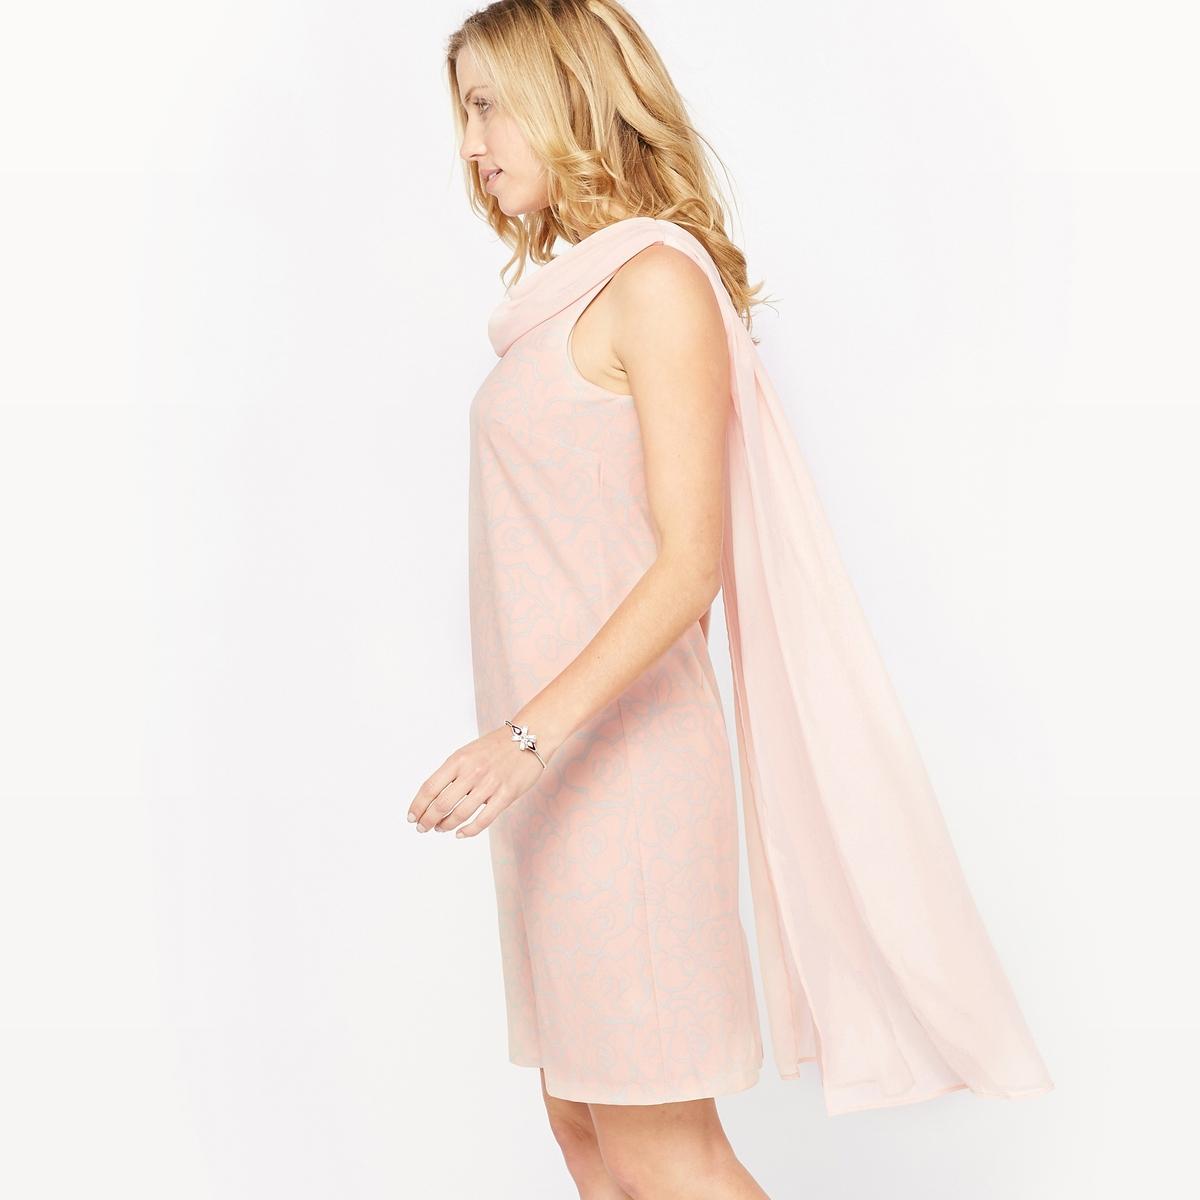 Платье драпированное с рисункомЭффектное платье, вырез с очаровательной вставкой из вуали, 100% полиэстер, красивая драпировка сзади. Круглый вырез спереди, V-образный вырез сзади. Застежка на скрытую молнию сзади. Состав и описание : Материал         креп стретч, 92% полиэстера, 8% эластанаДлина      95 смМарка         Anne Weyburn Уход :Машинная стирка при 30 °С в умеренном режимеГладить при умеренной температуре<br><br>Цвет: рисунок/фон розовая пудра<br>Размер: 46 (FR) - 52 (RUS).48 (FR) - 54 (RUS).44 (FR) - 50 (RUS)